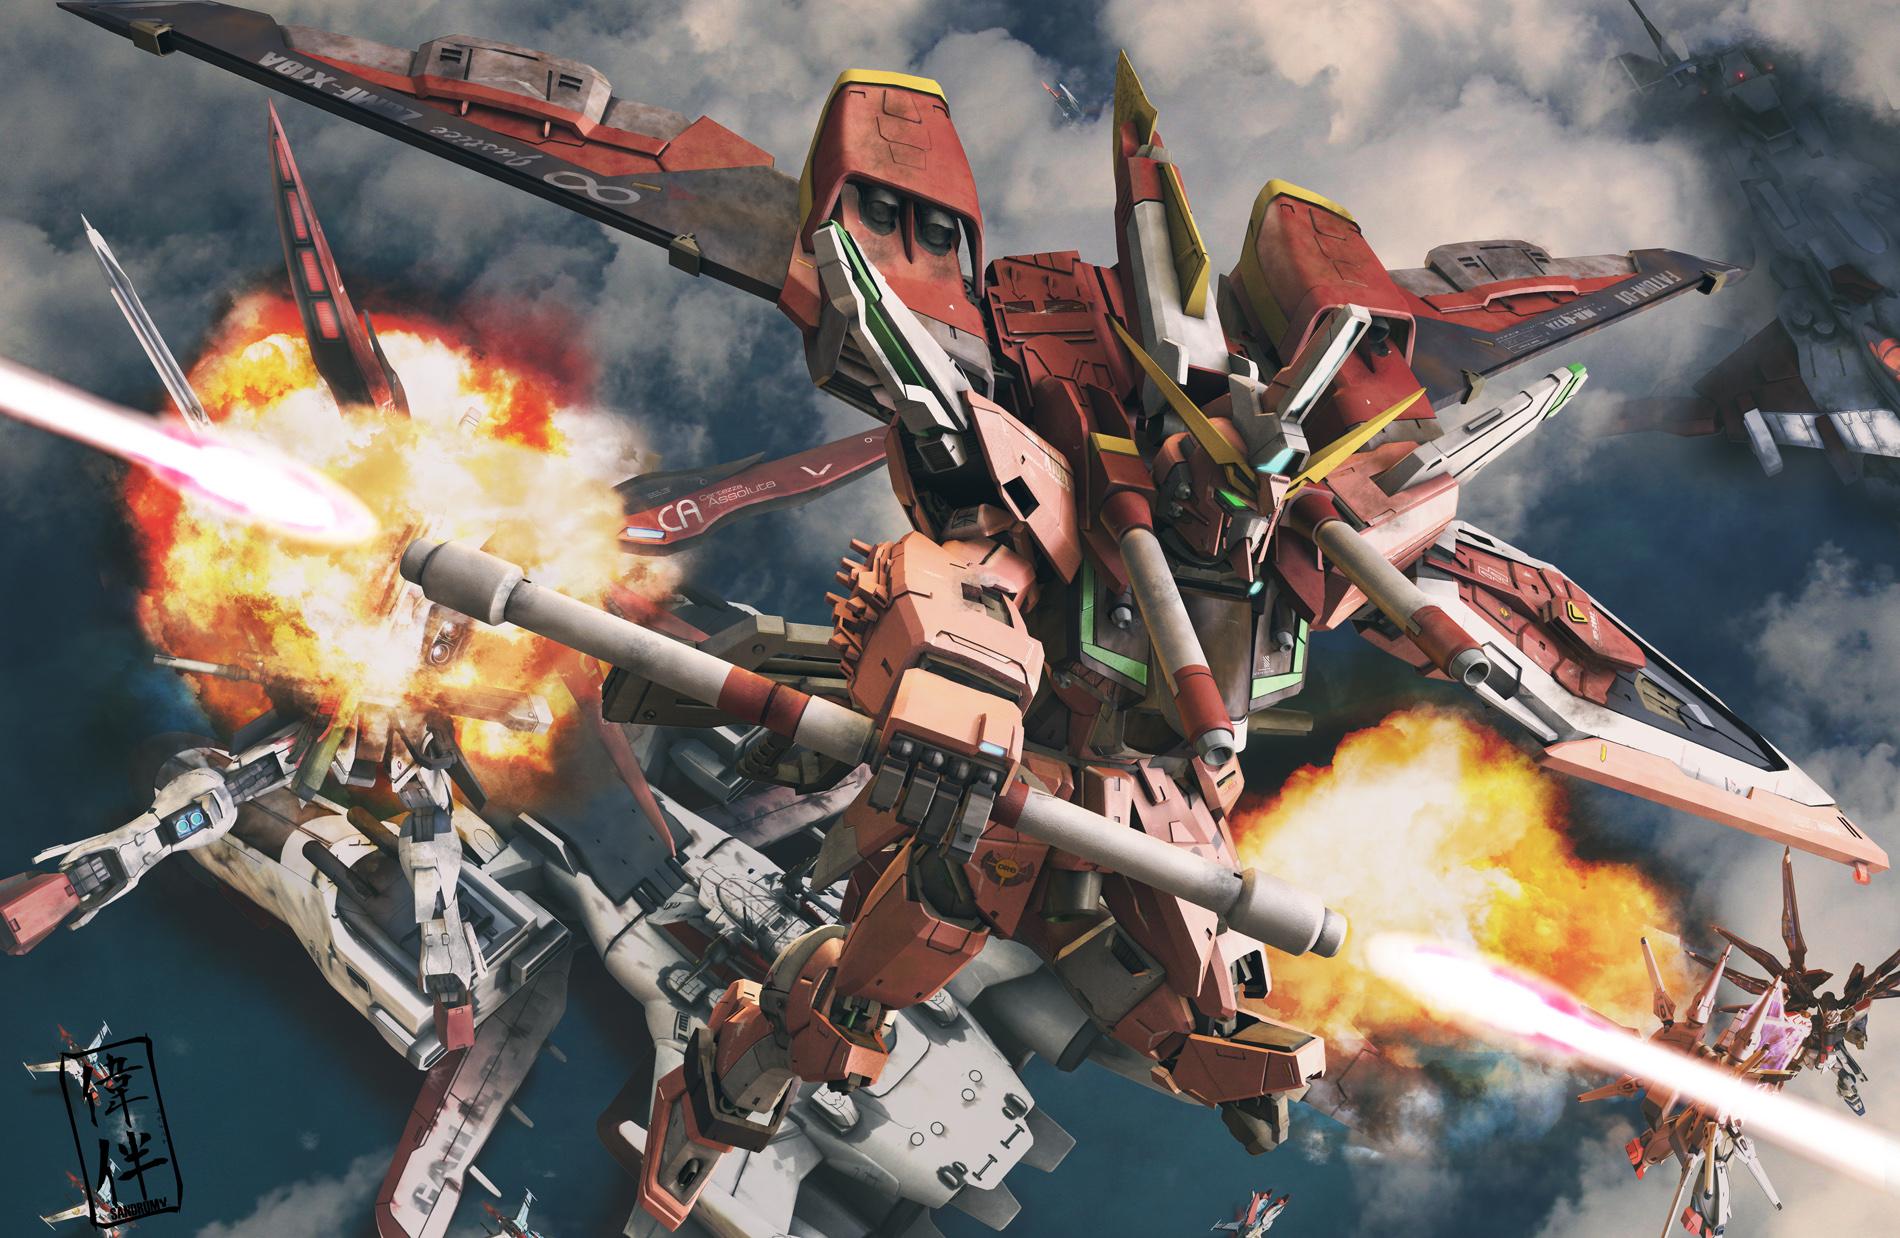 Mobile Suit Gundam 2532020 1